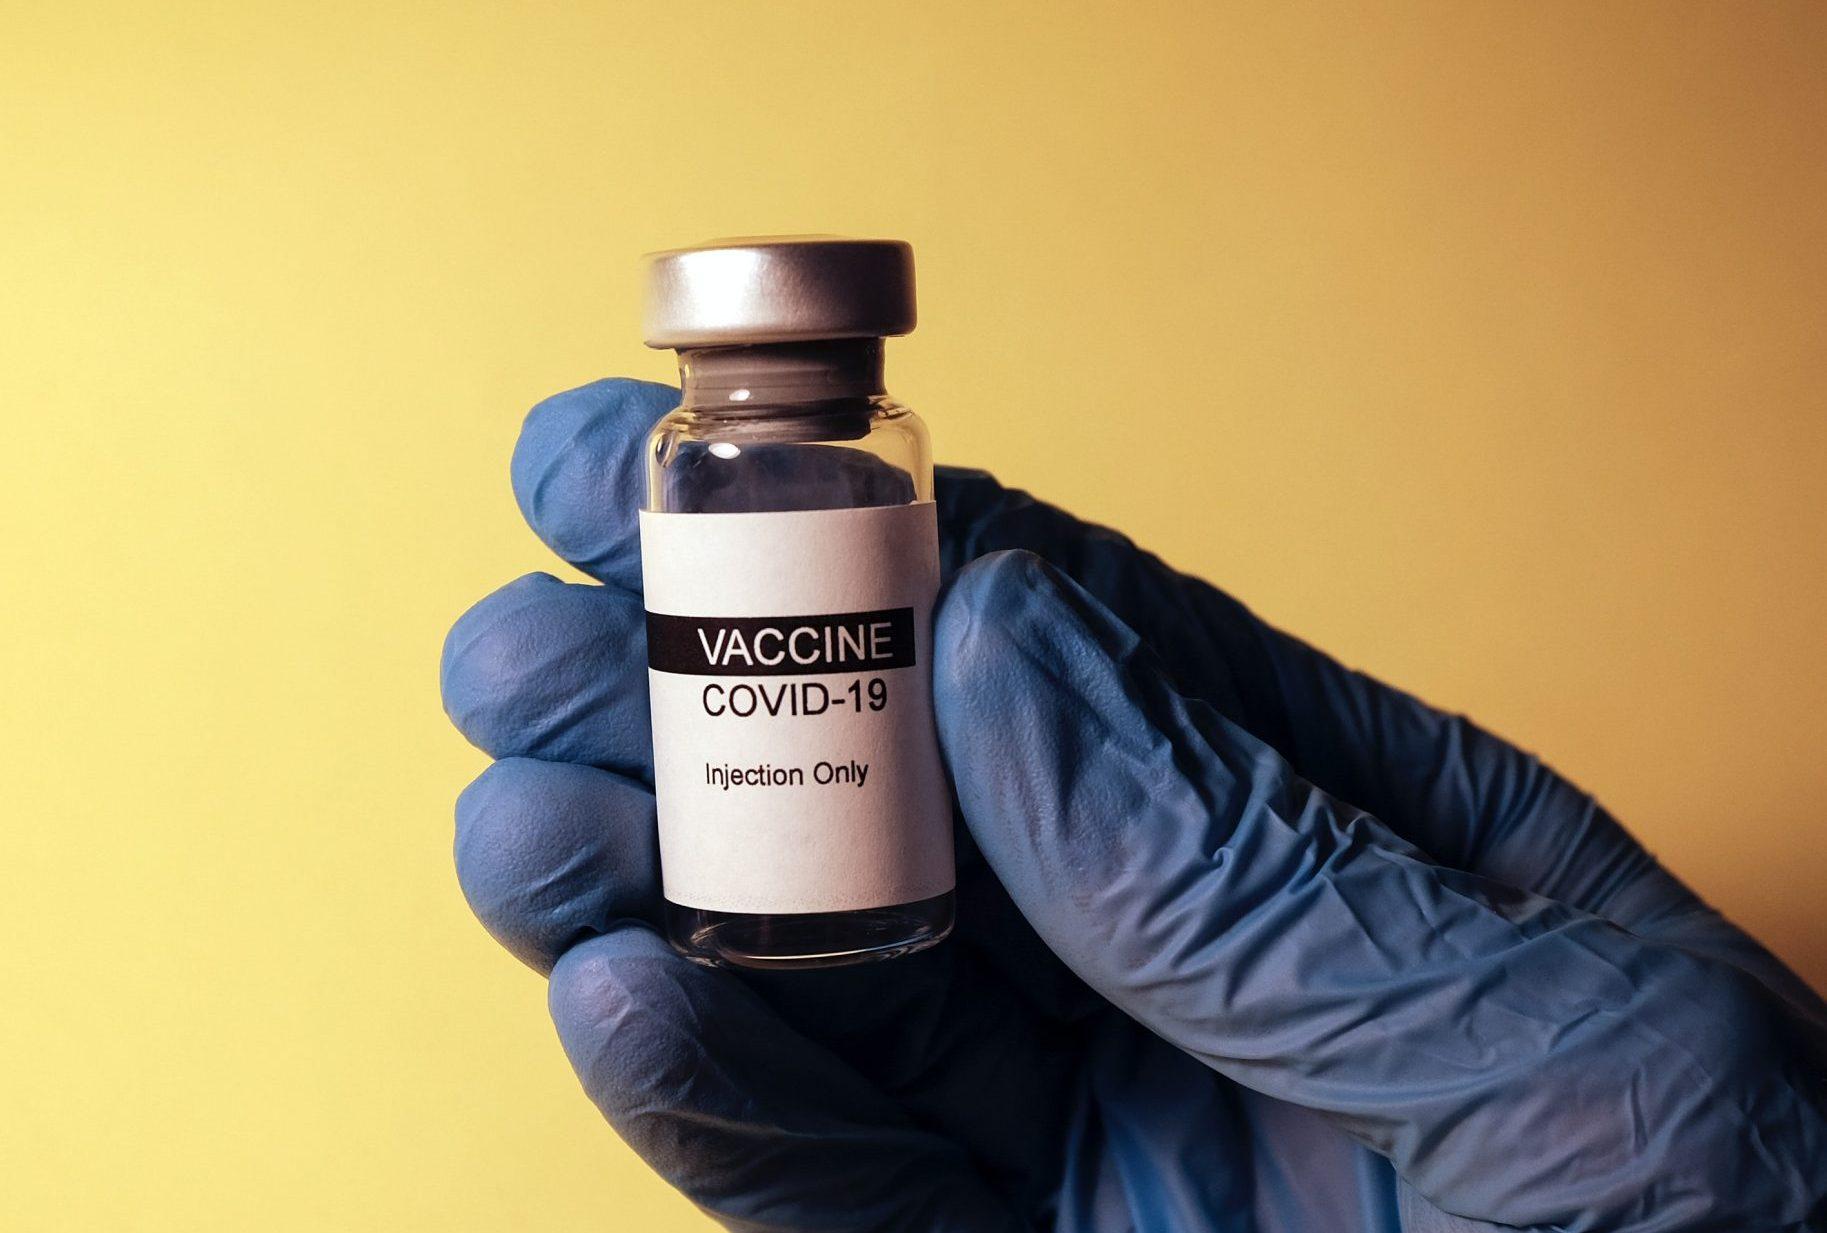 La próxima semana comienza en el Bierzo la vacunación de los mayores de 80 años 1